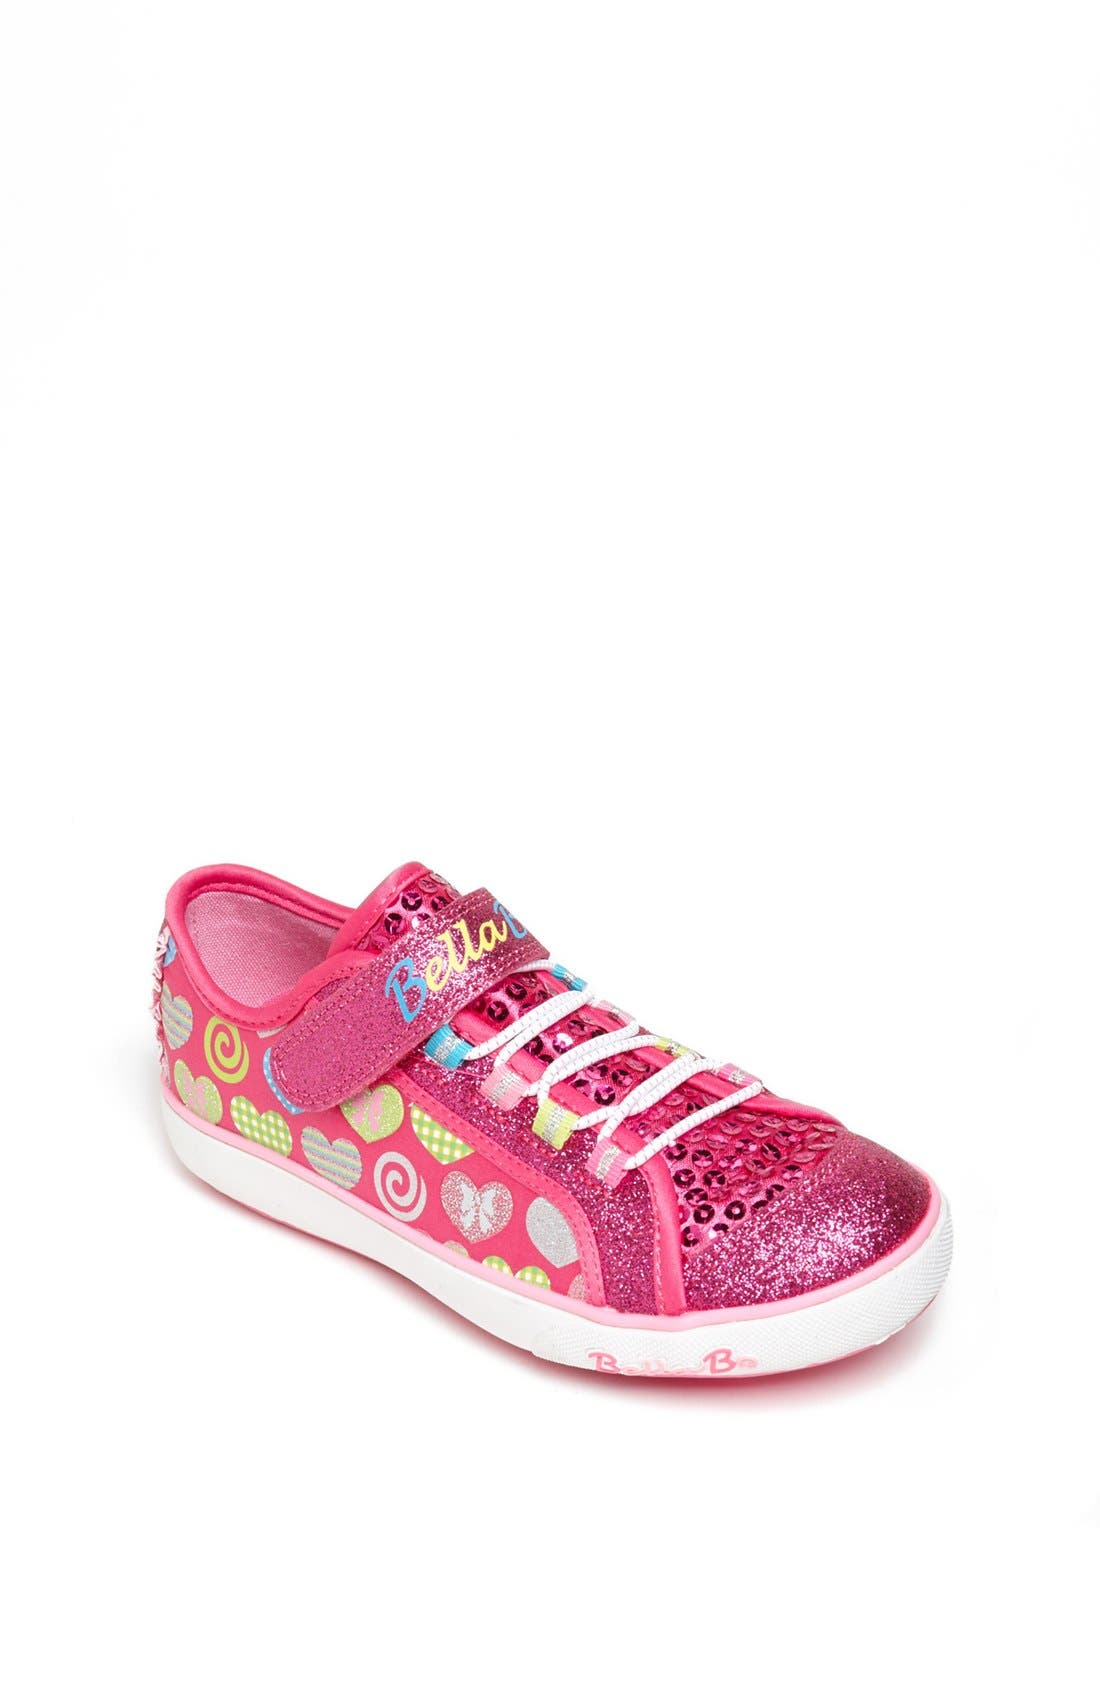 Alternate Image 1 Selected - SKECHERS 'Bella Ballerina - Curtsies' Sneaker (Toddler, Little Kid & Big Kid)